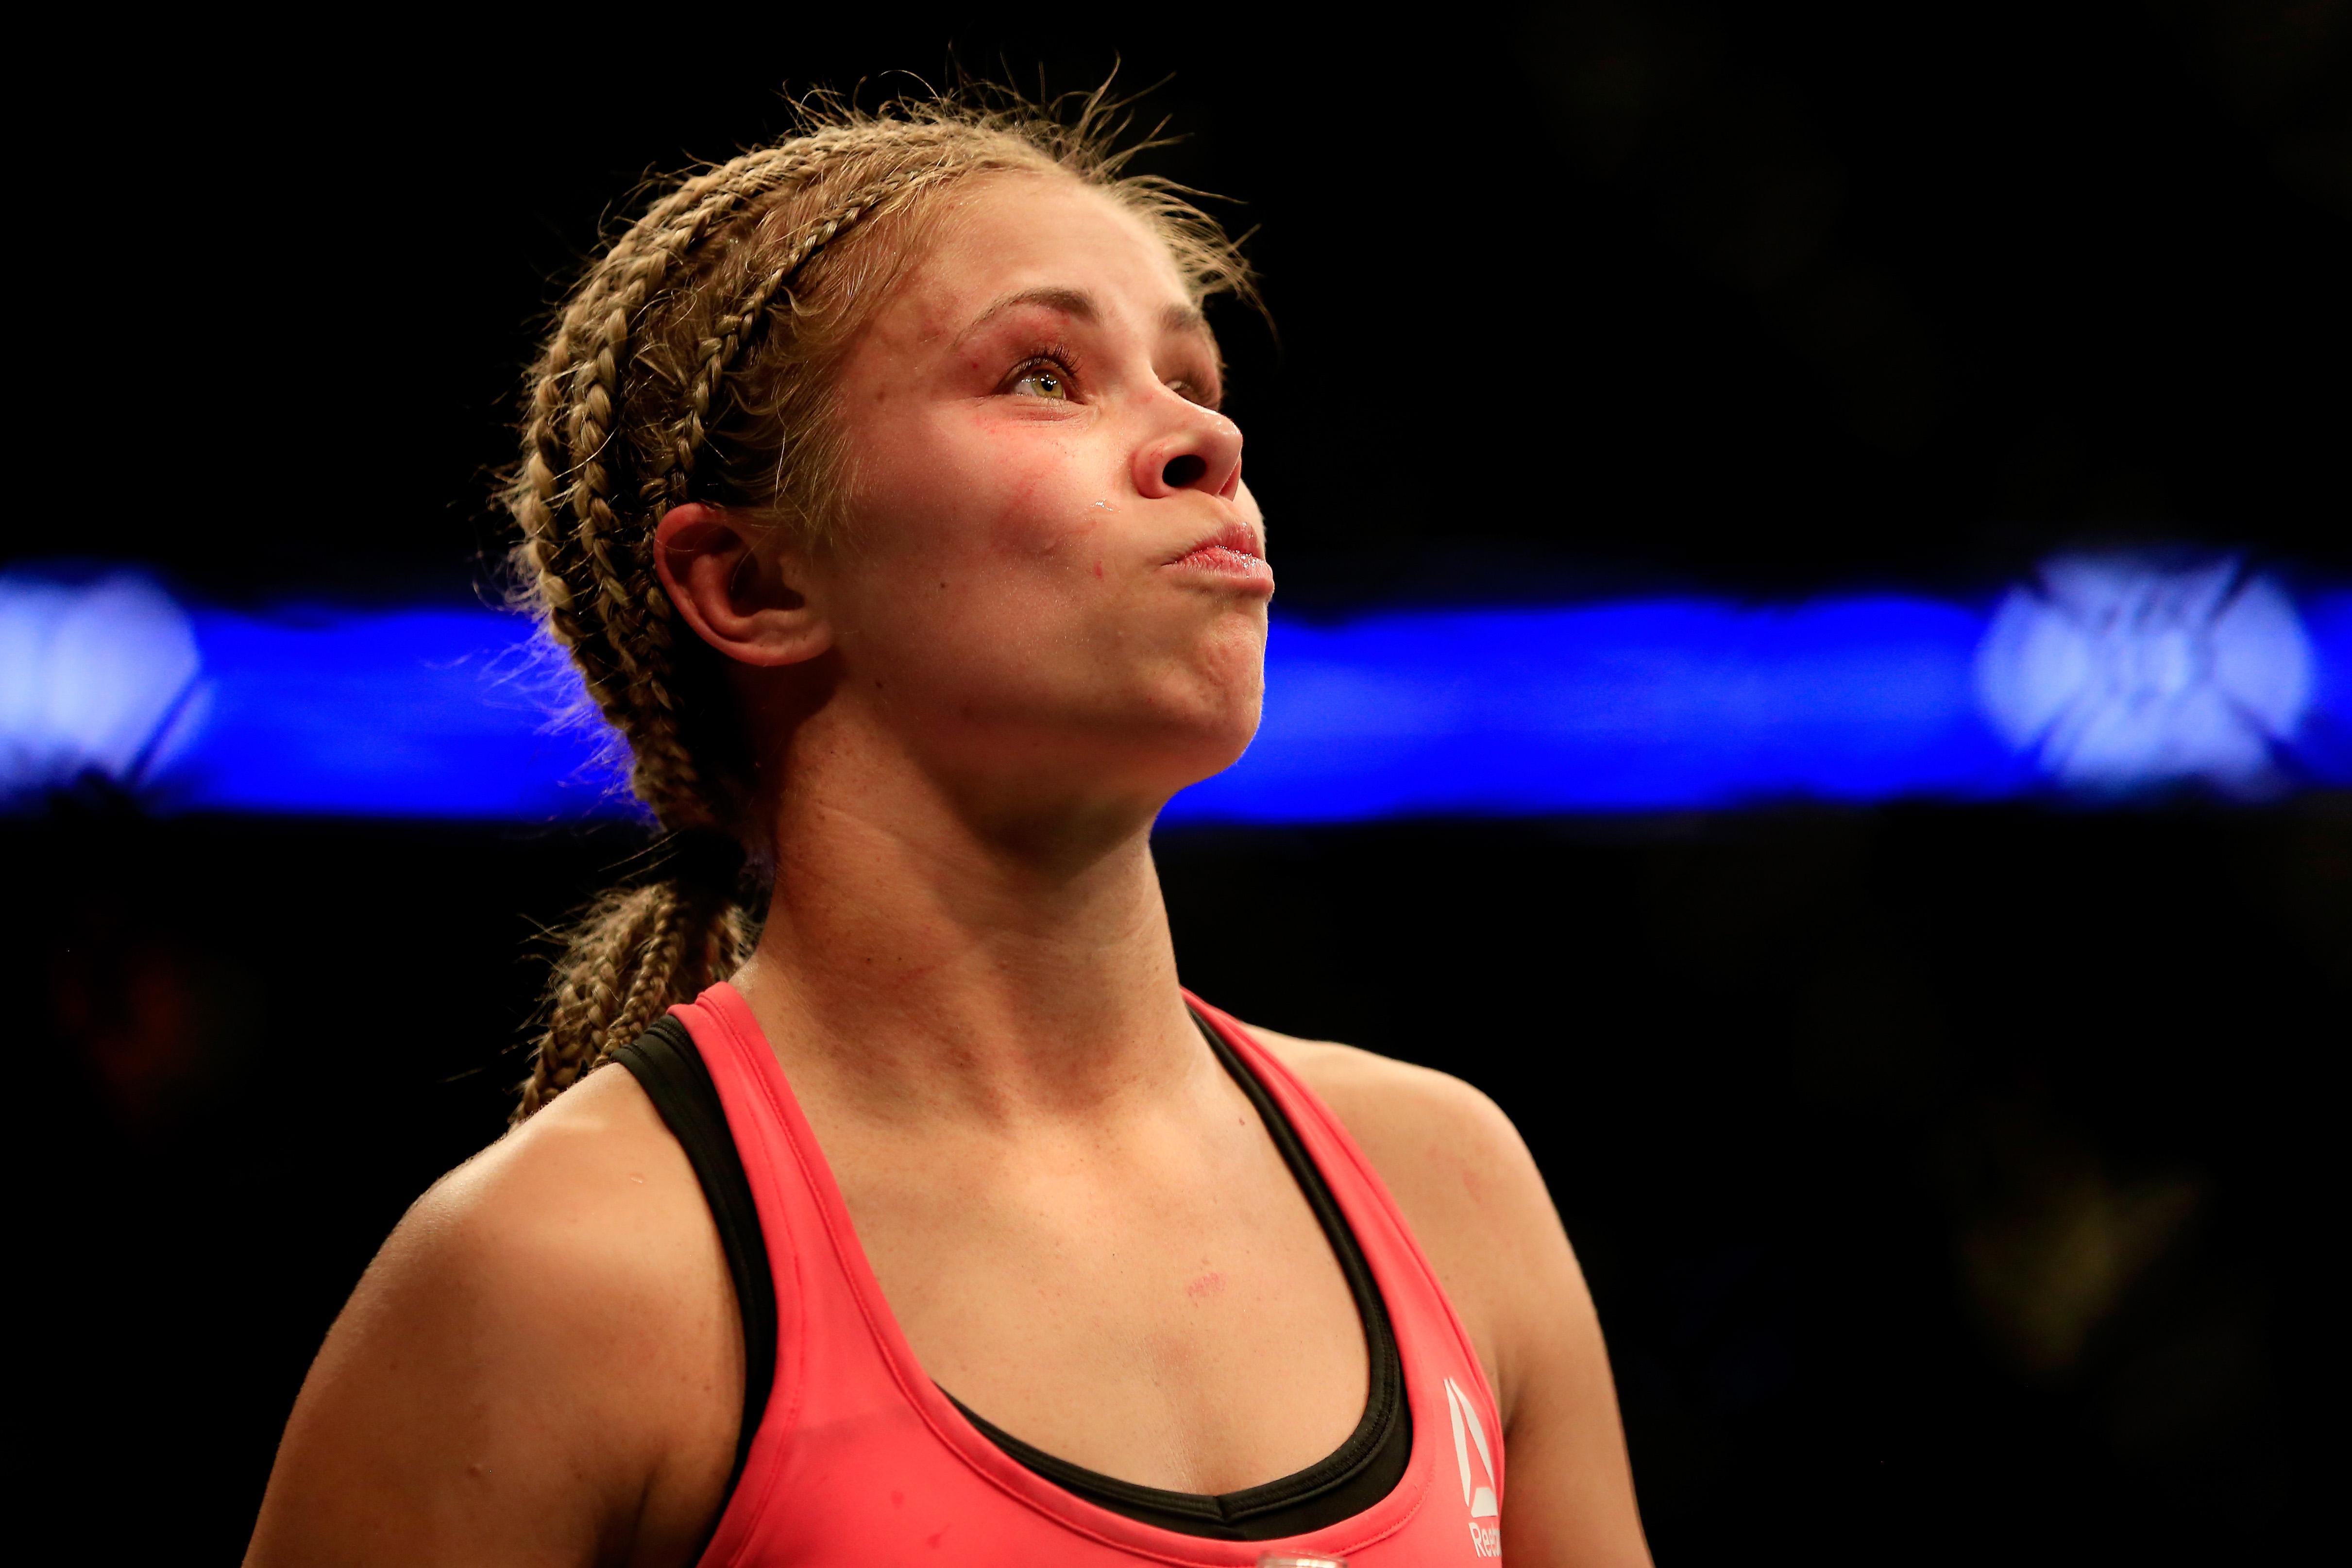 Paige VanZant Peleadora UFC revela víctima violación abuso sexual